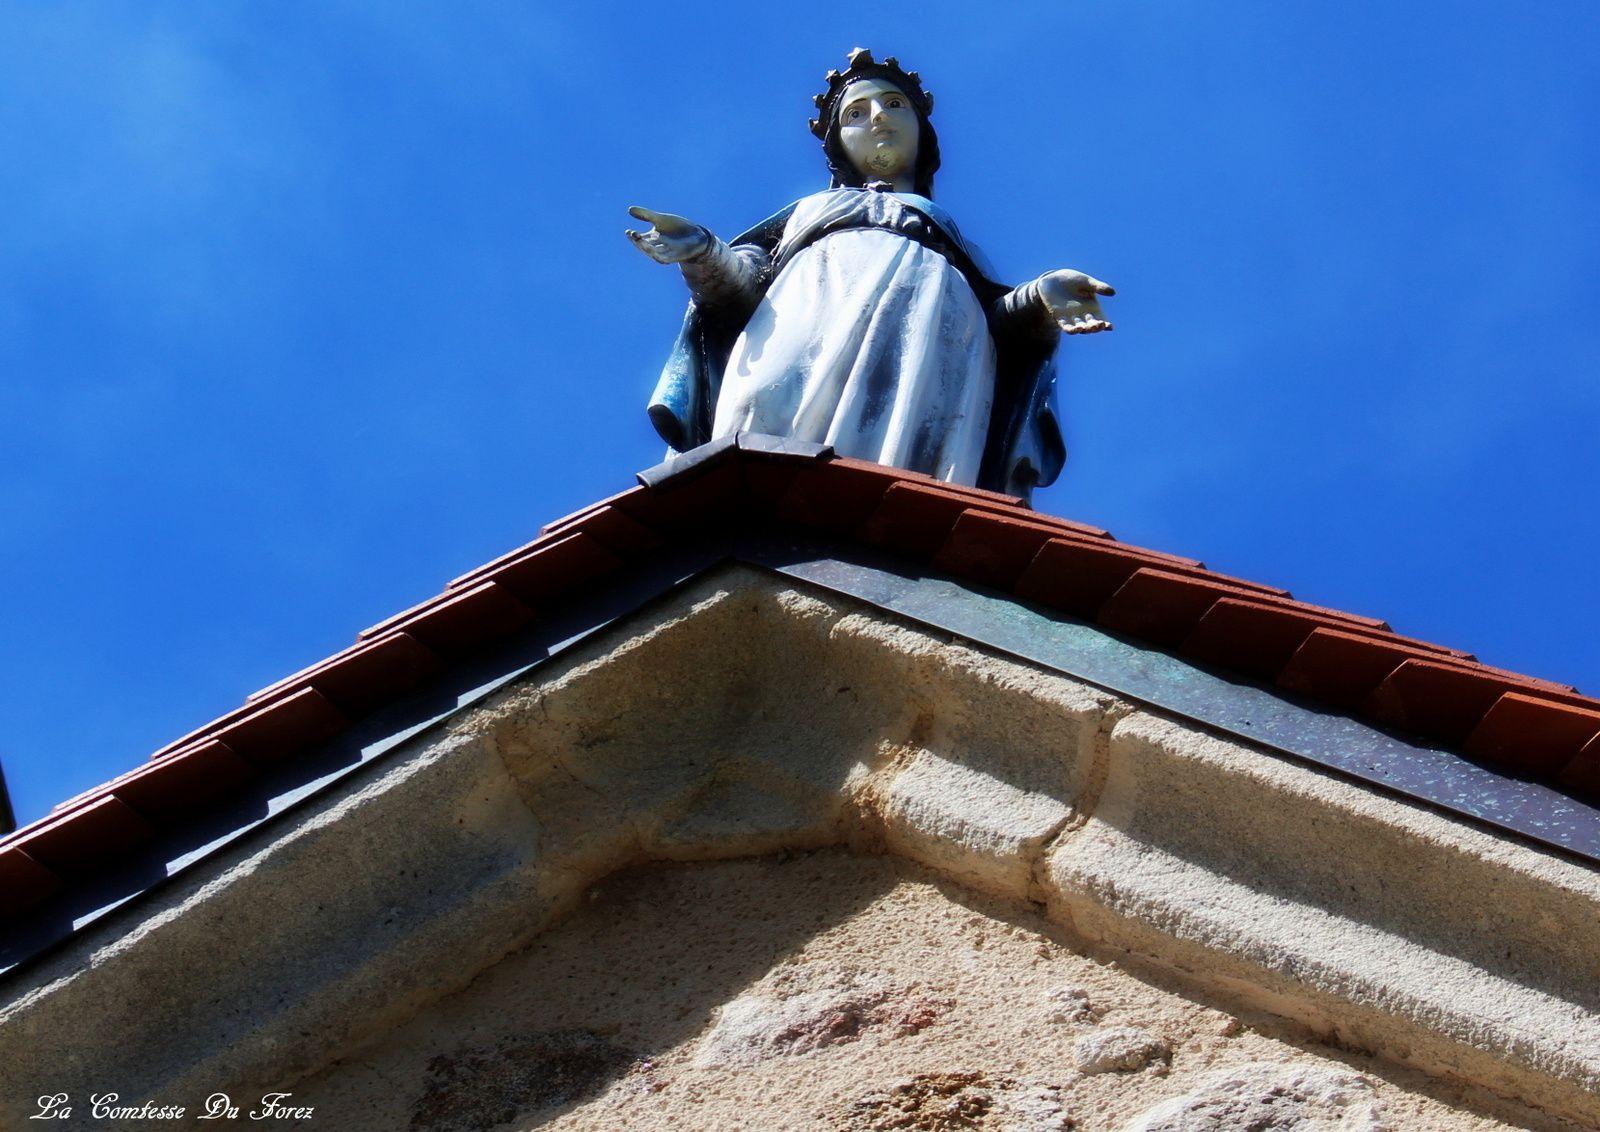 L'église Saint-Etienne (42600 Ecotay L'Olme, Loire)